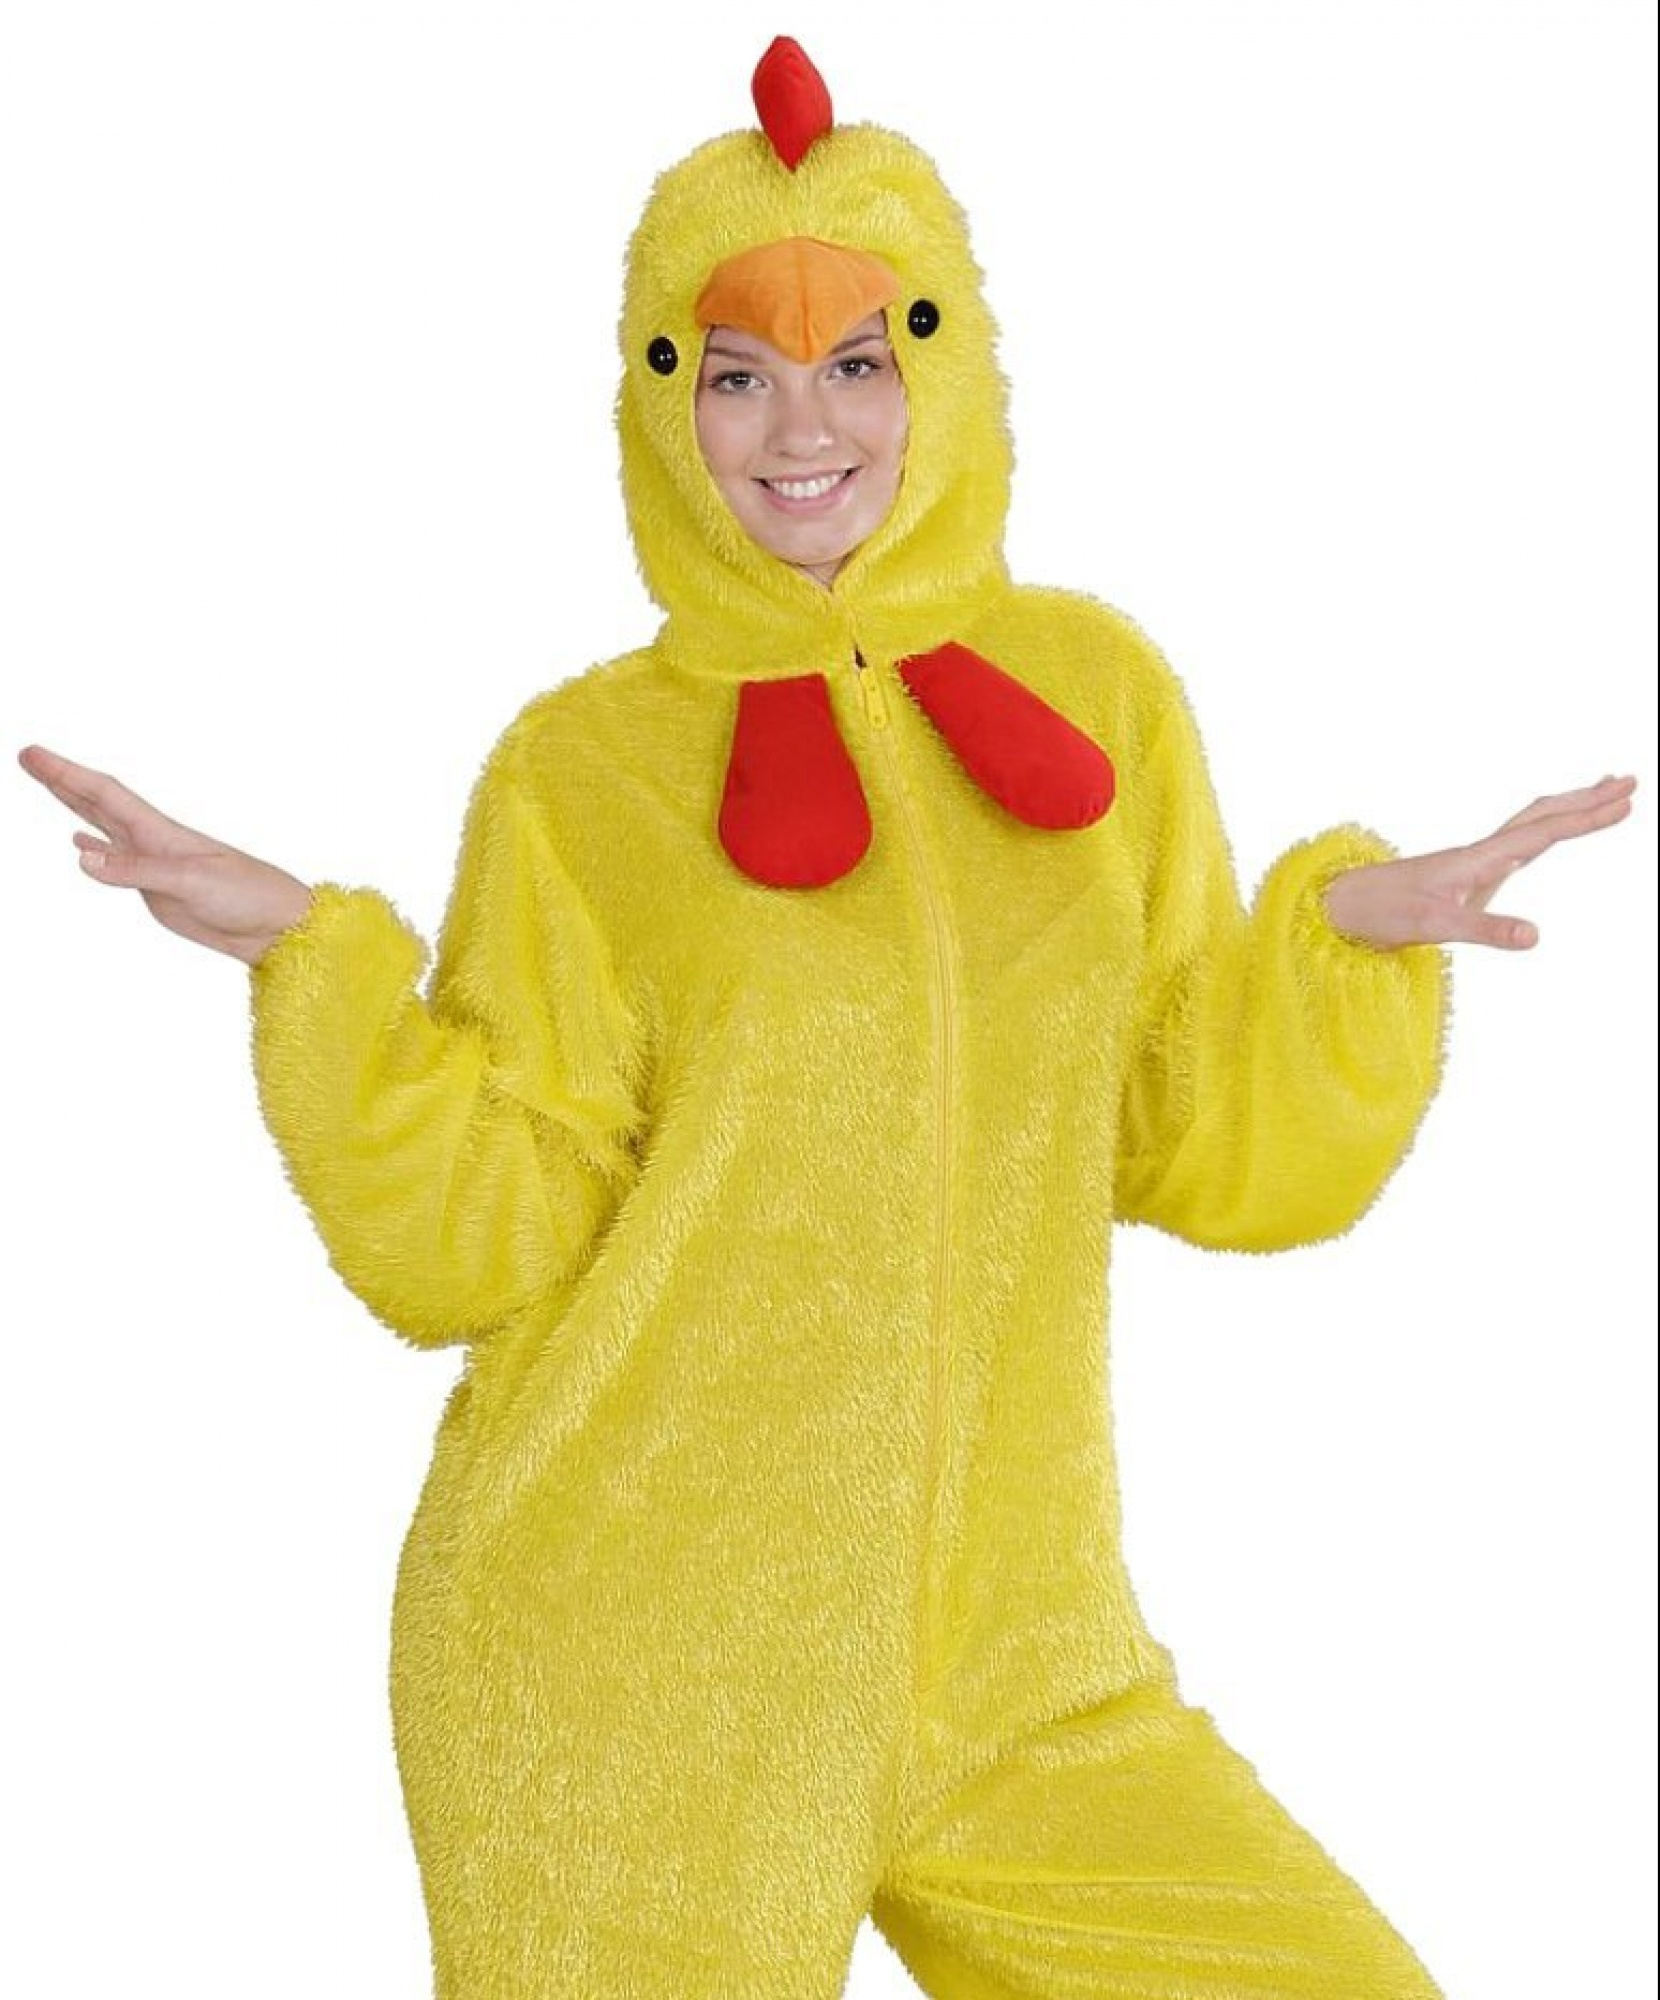 величине костюм цыпленка своими руками быстро фото пишу